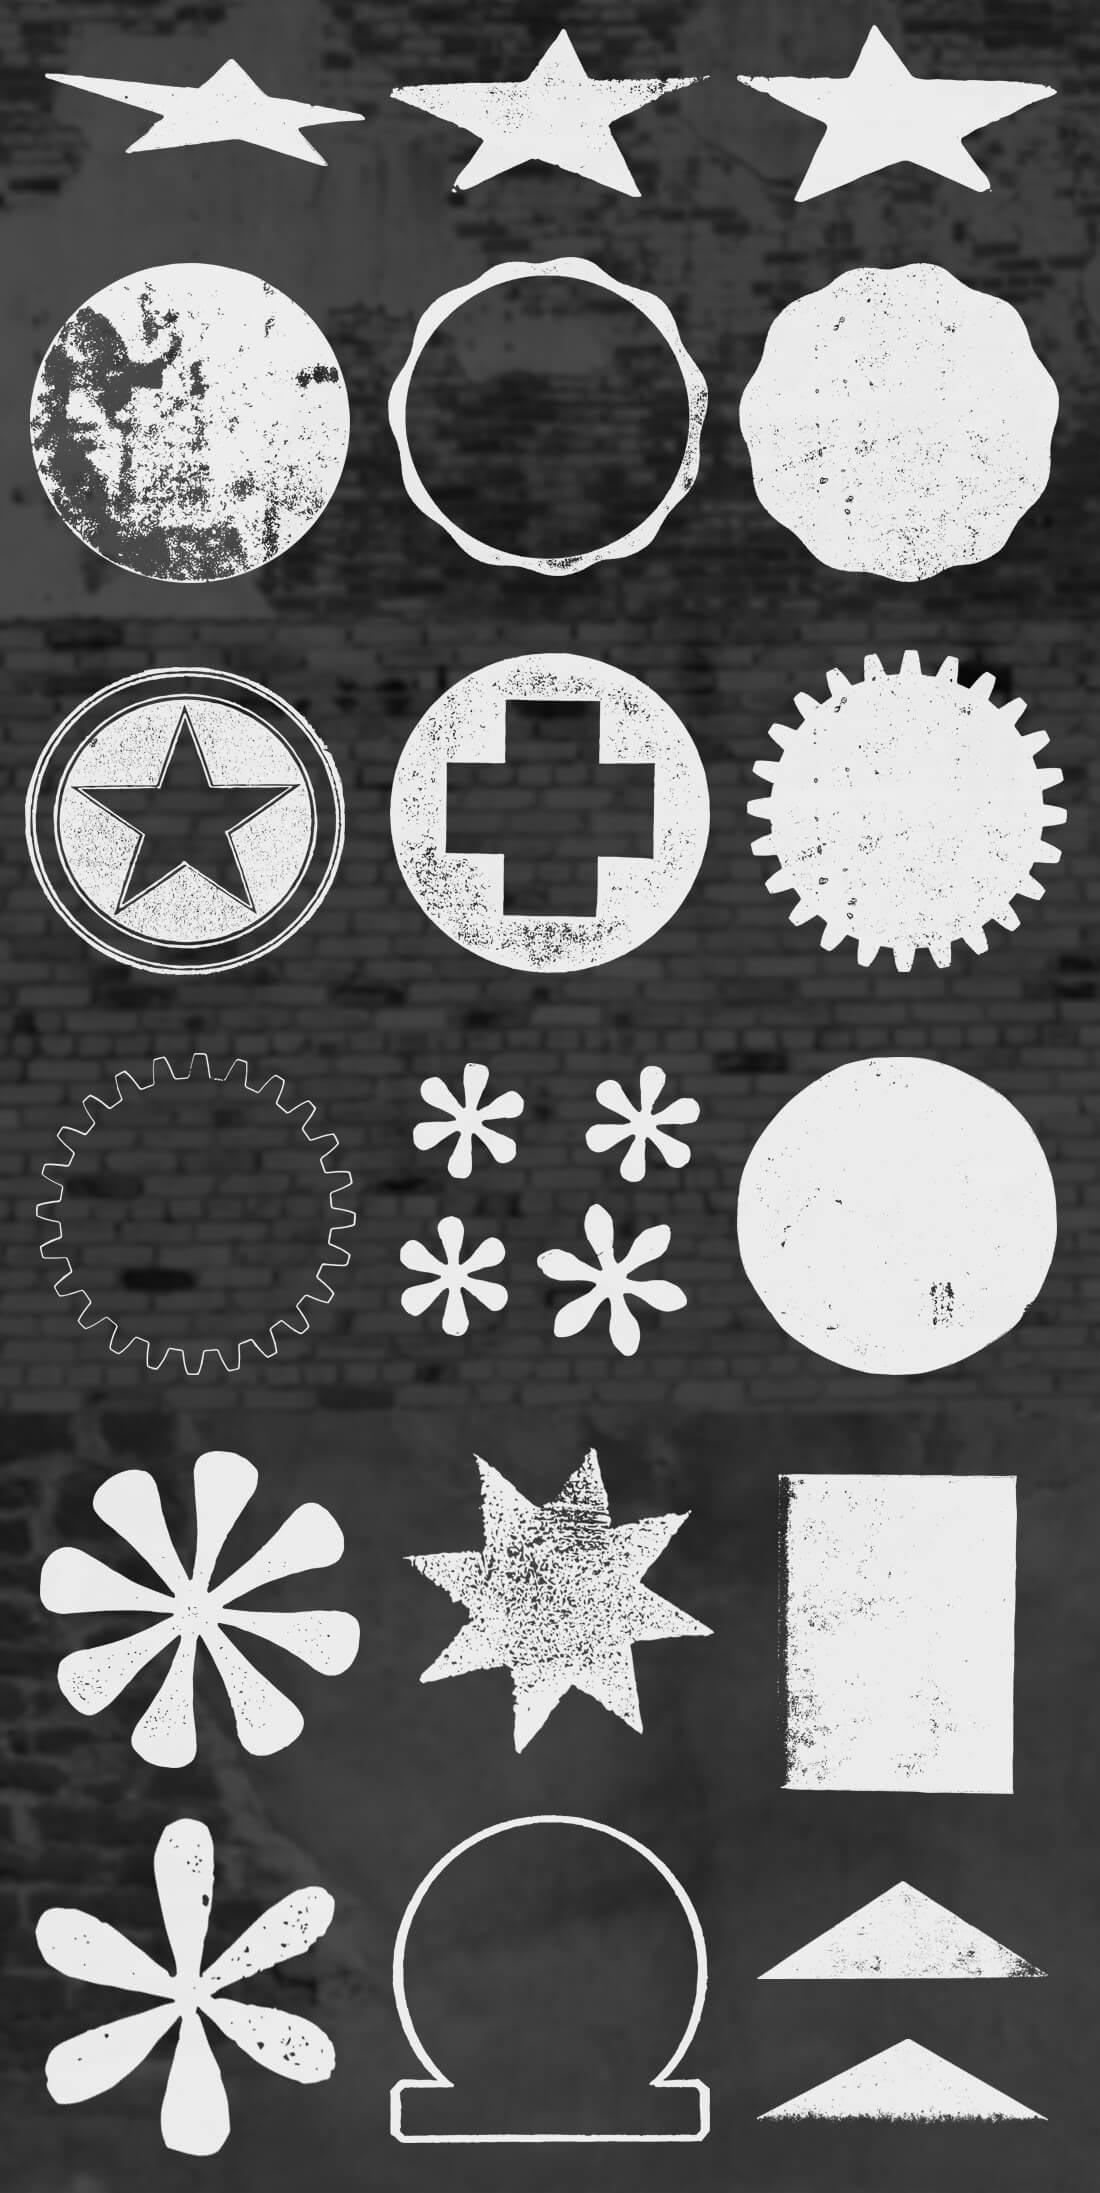 ultrashock-grunge-shapes-and-symbols-4